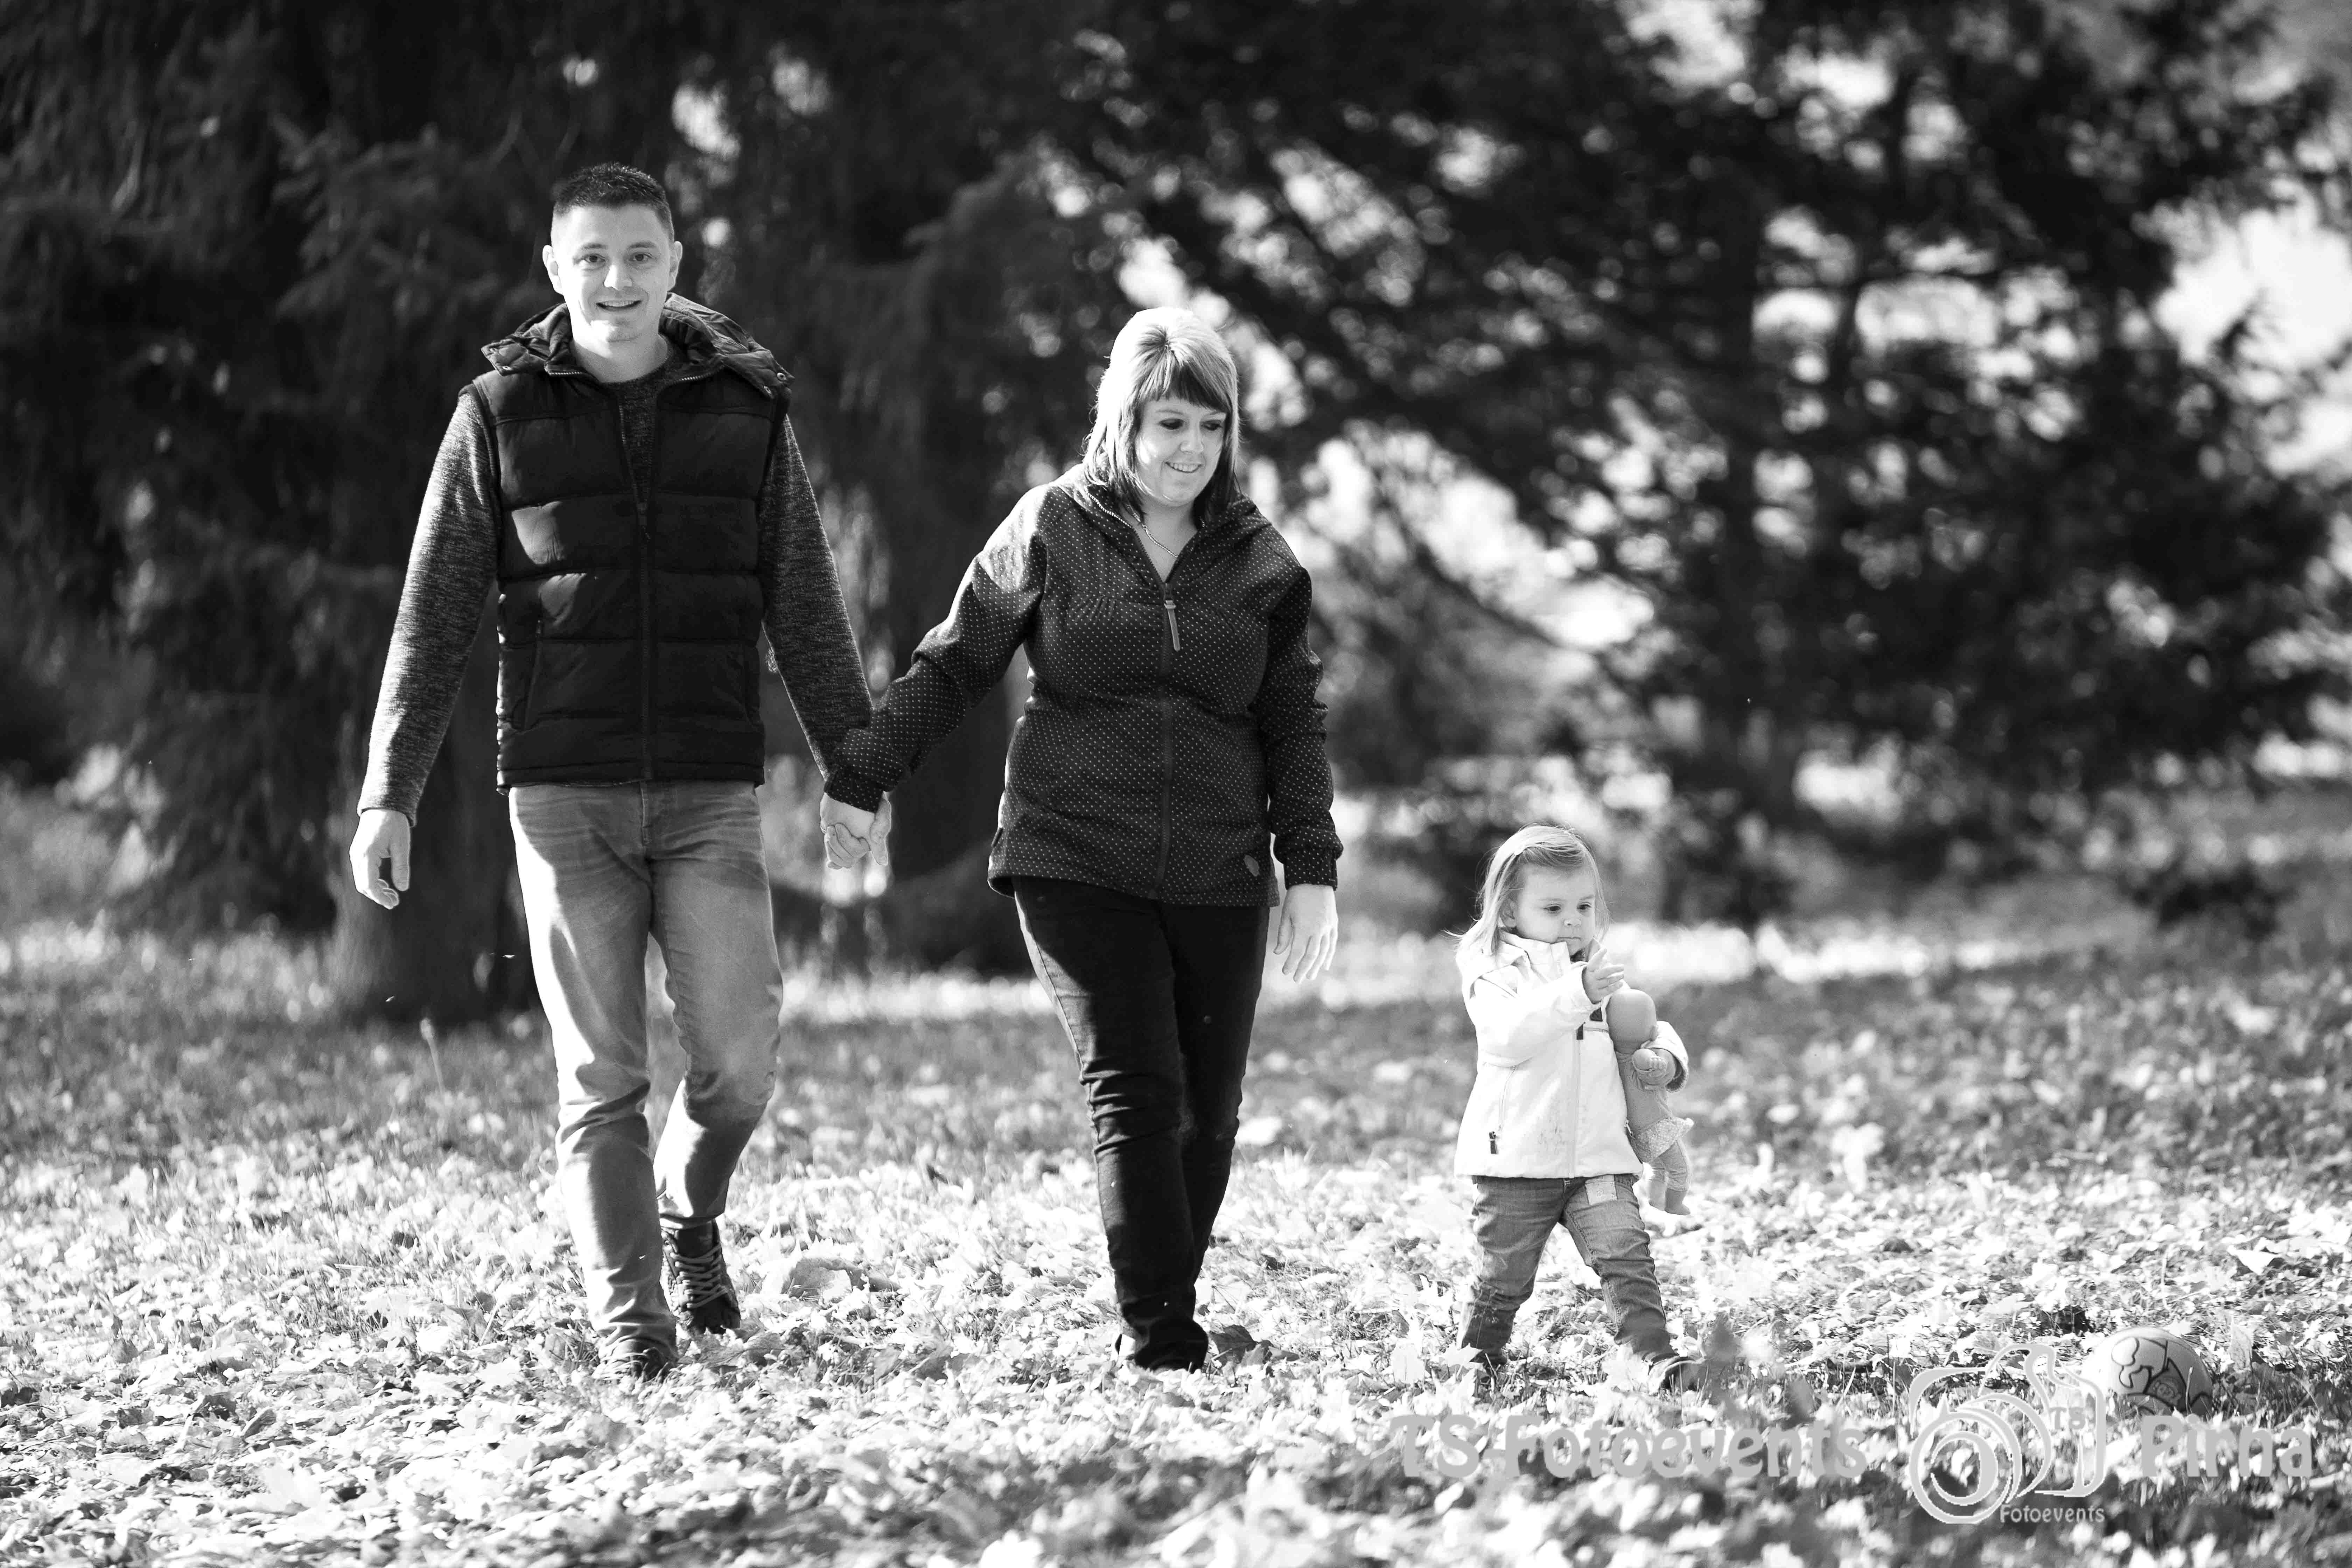 Familienfotos Herbst Bad Gottleuba